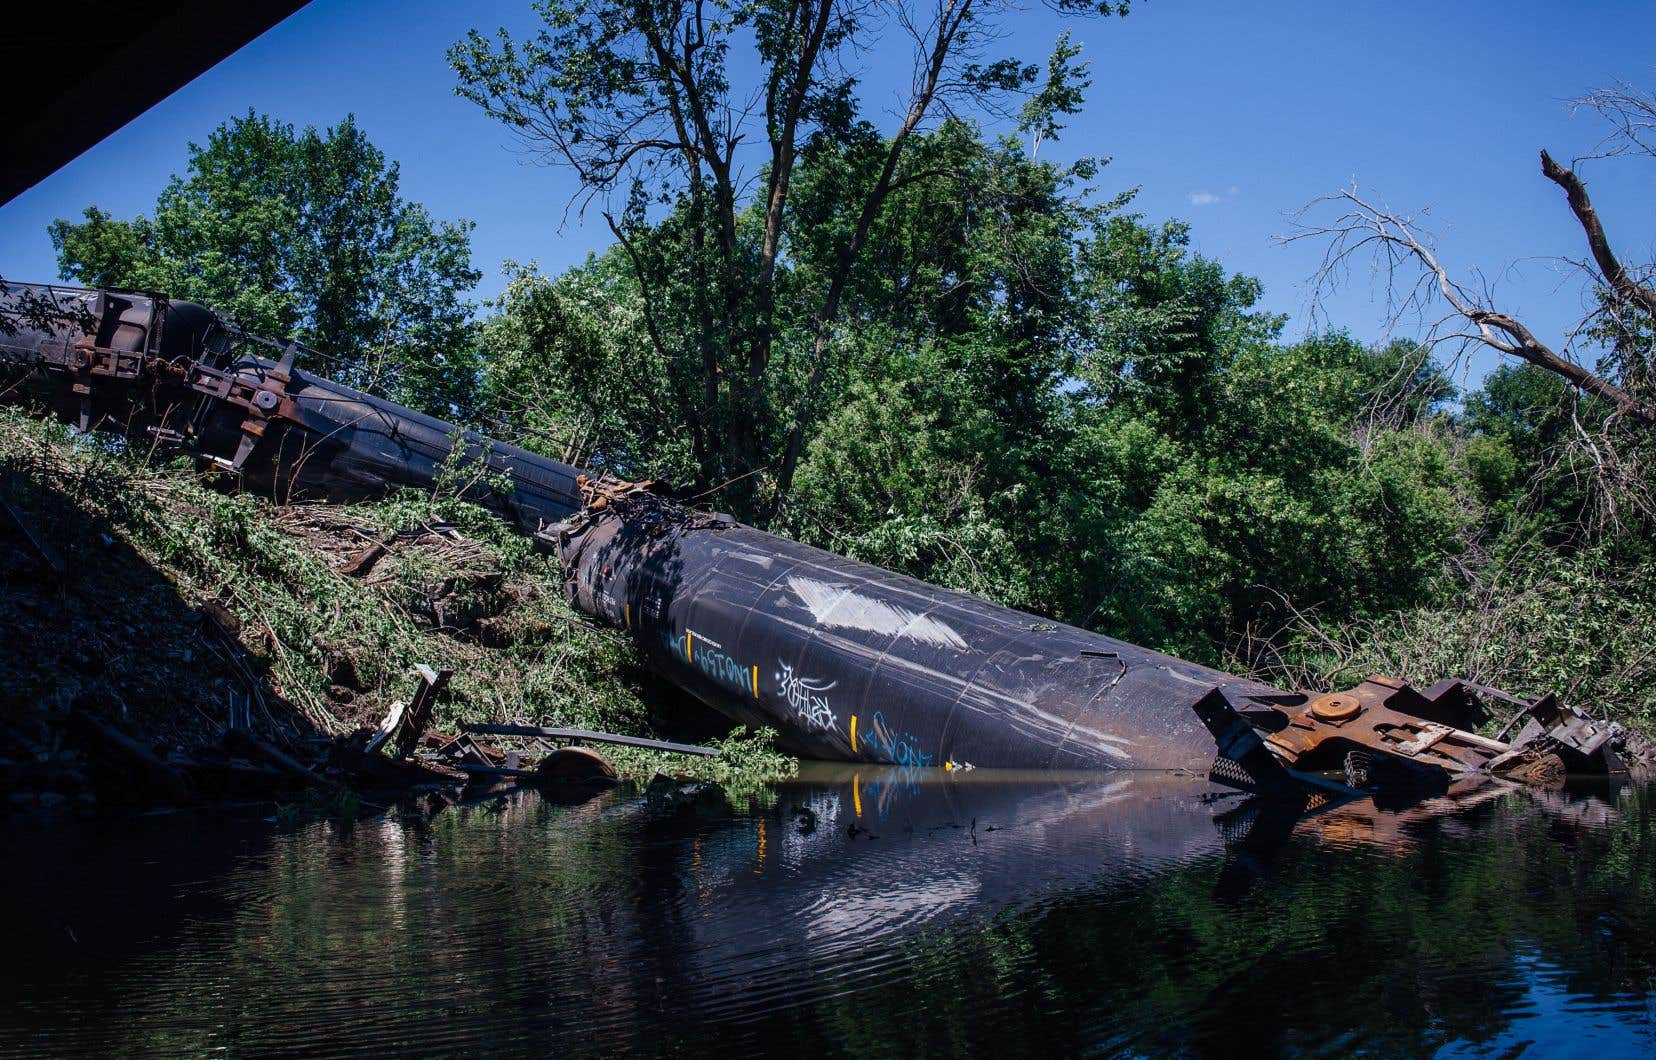 Bien que cinq wagons-citernes transportant du propane aient déraillé, leurs réservoirs sont restés intacts et aucun déversement de matières dangereuses n'a eu lieu.